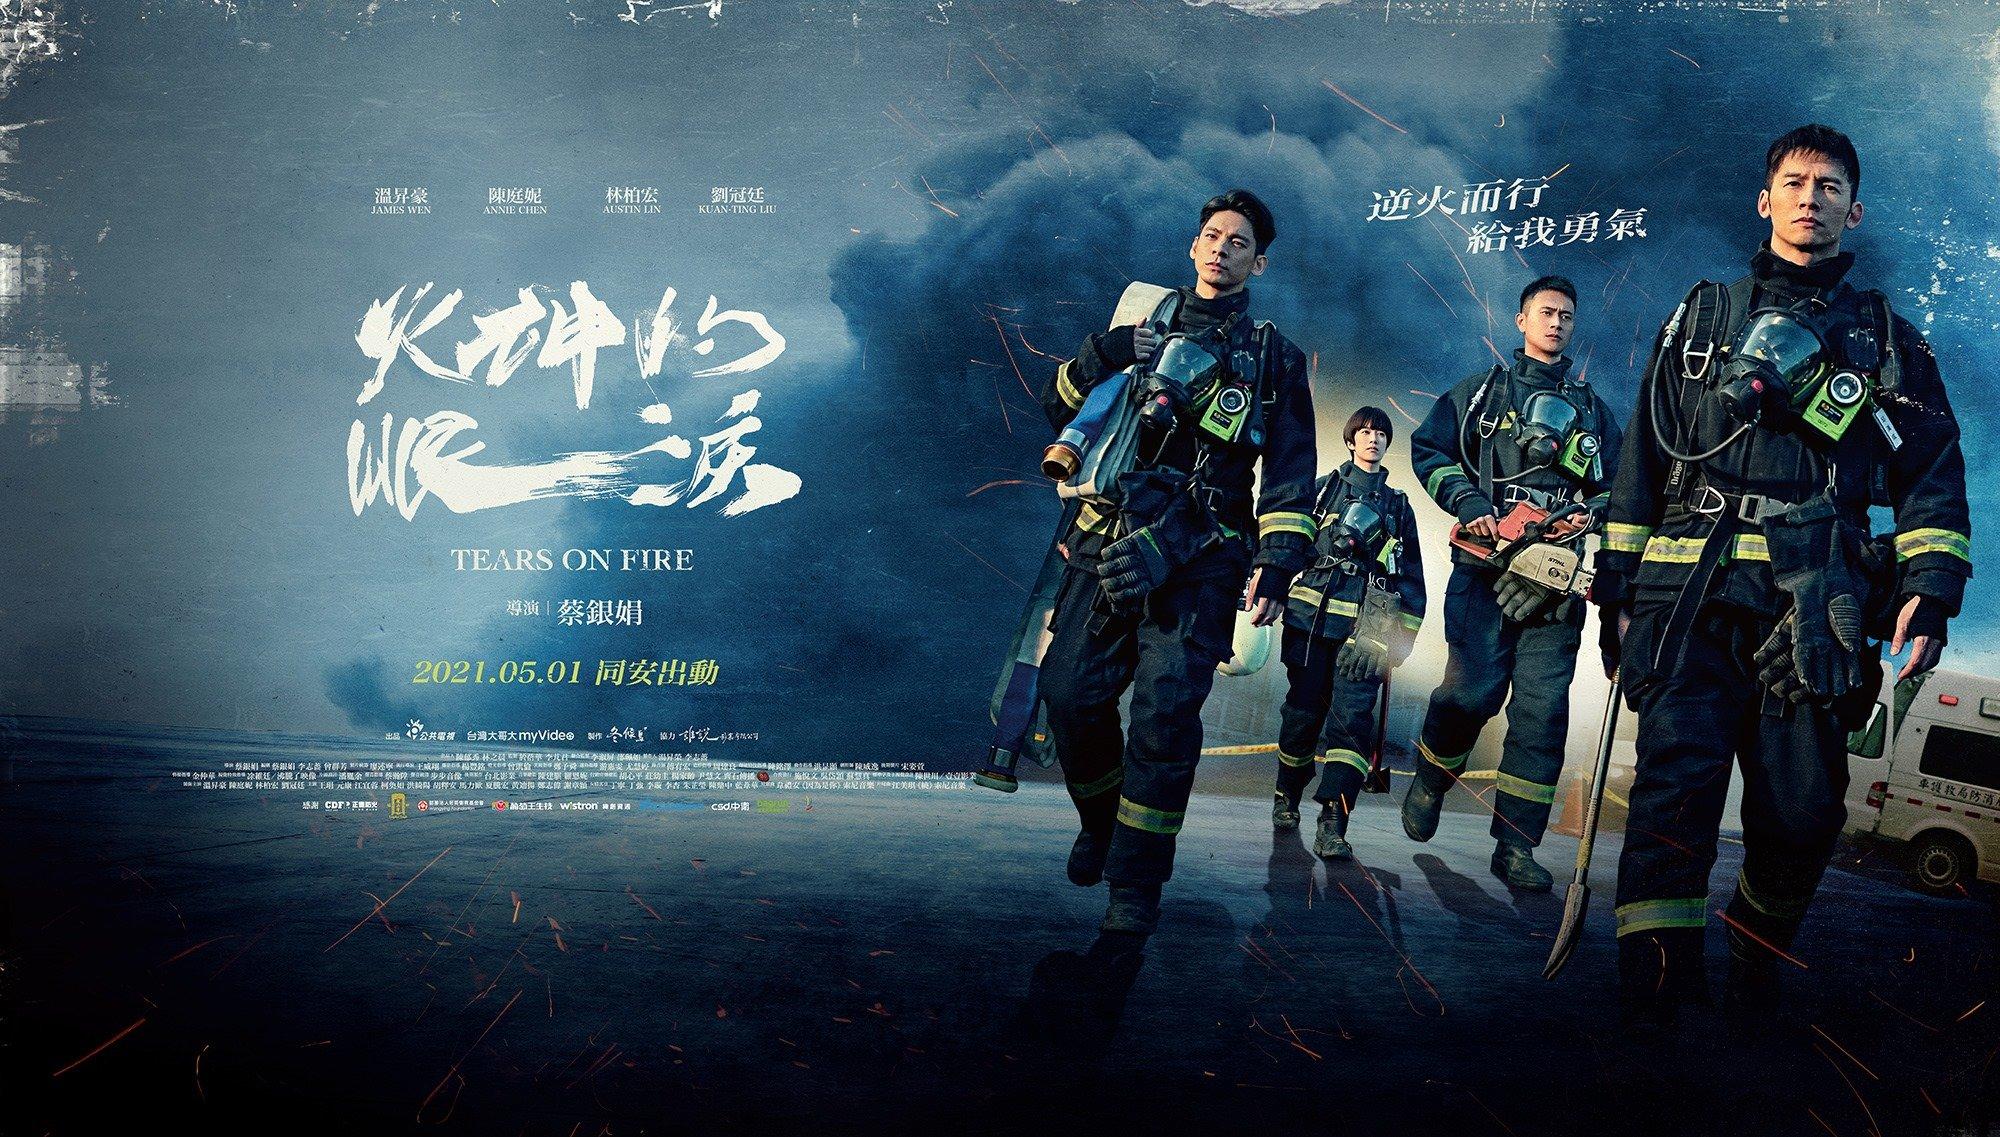 消防員帶你看【火神的眼淚】,劇情之外那些畫面中你沒注意到的小知識【第二集-遺願】